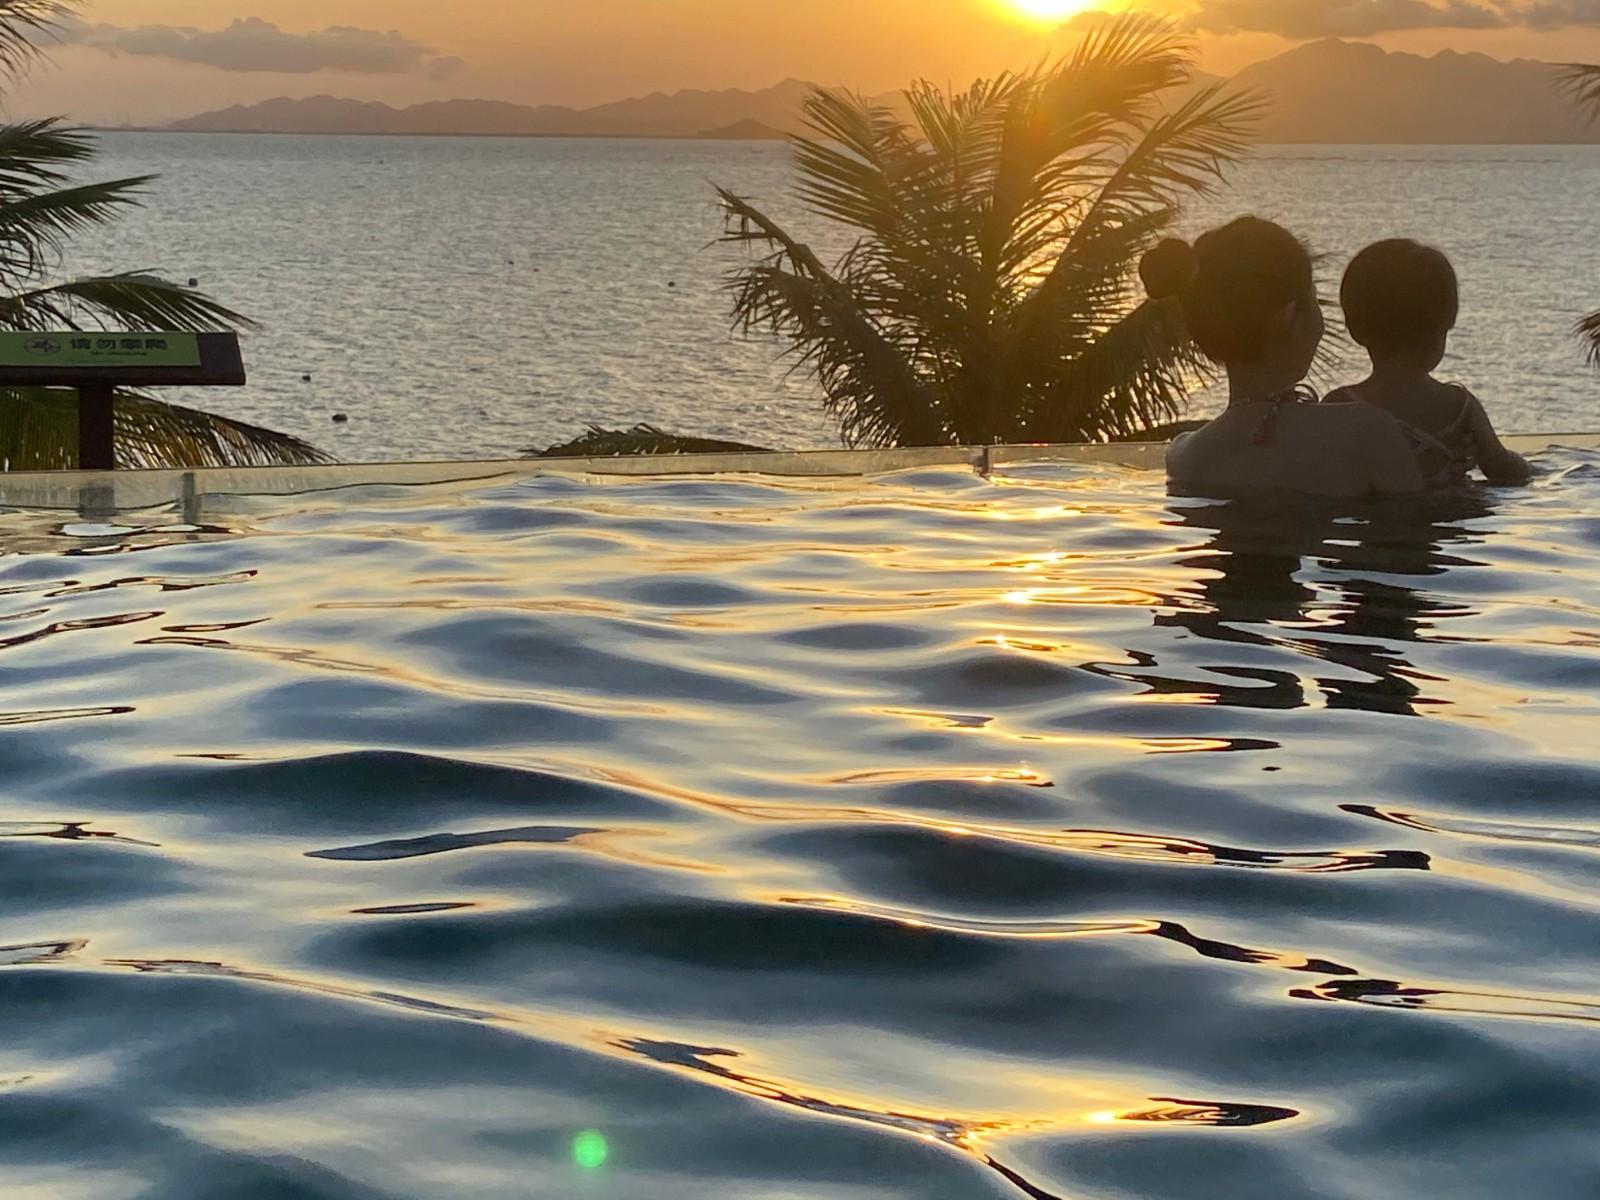 喝着椰子逛沙滩,泡着无边际泳池看海上日落,这才是夏天度假的标配